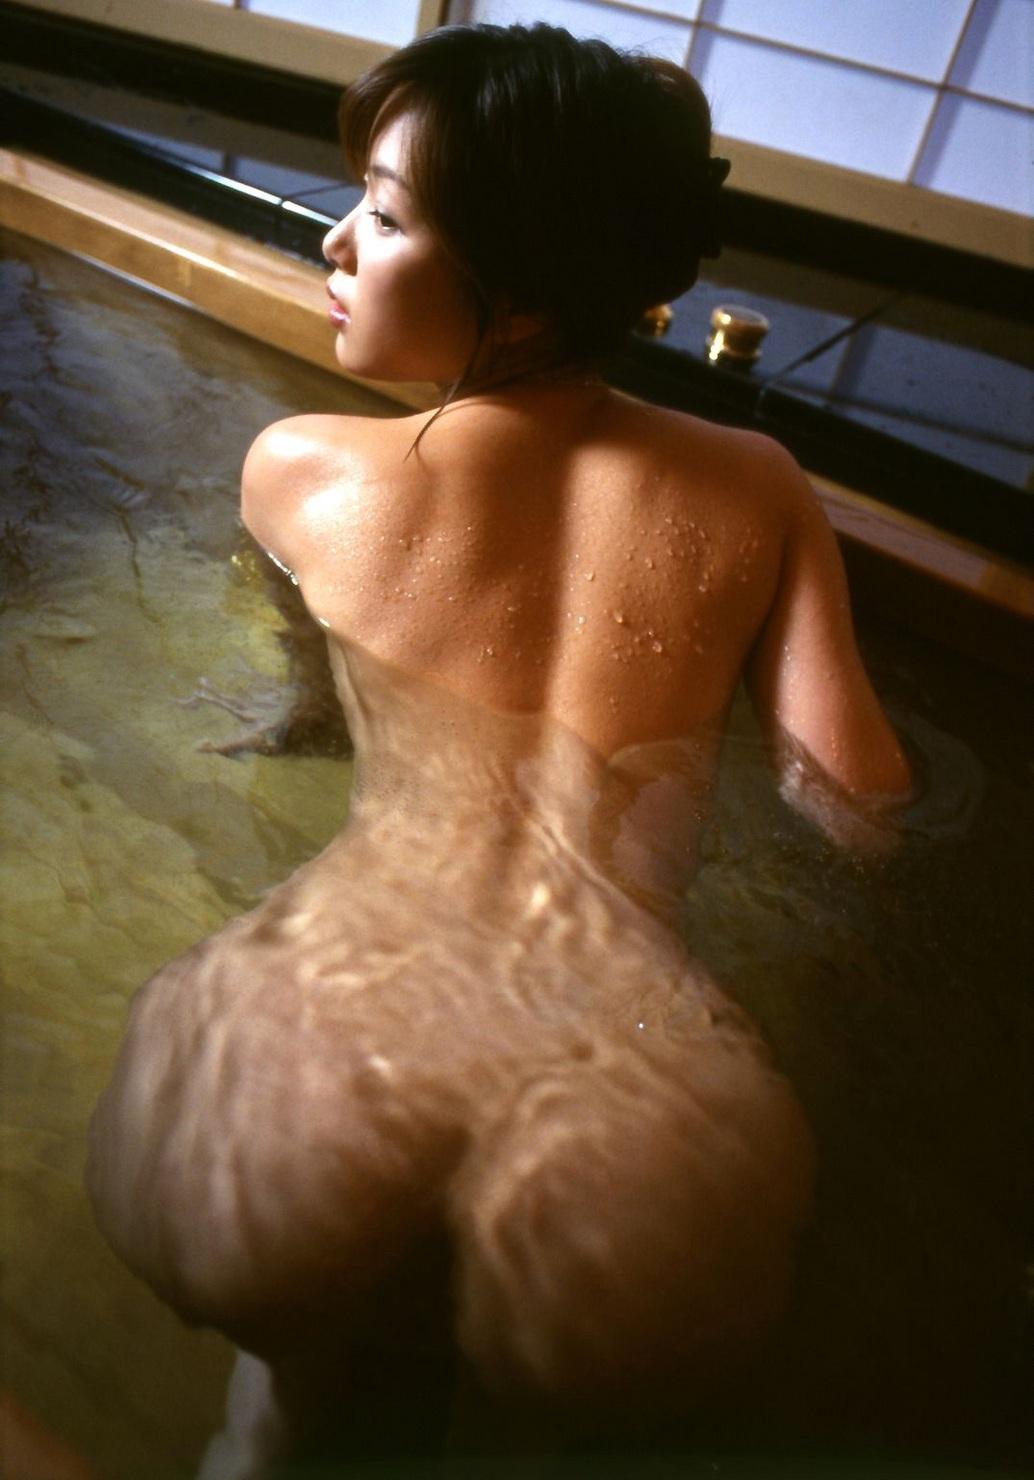 【風呂エロ画像】寒い季節じゃなくても女の子と風呂入りたくなるもんだなwww 01